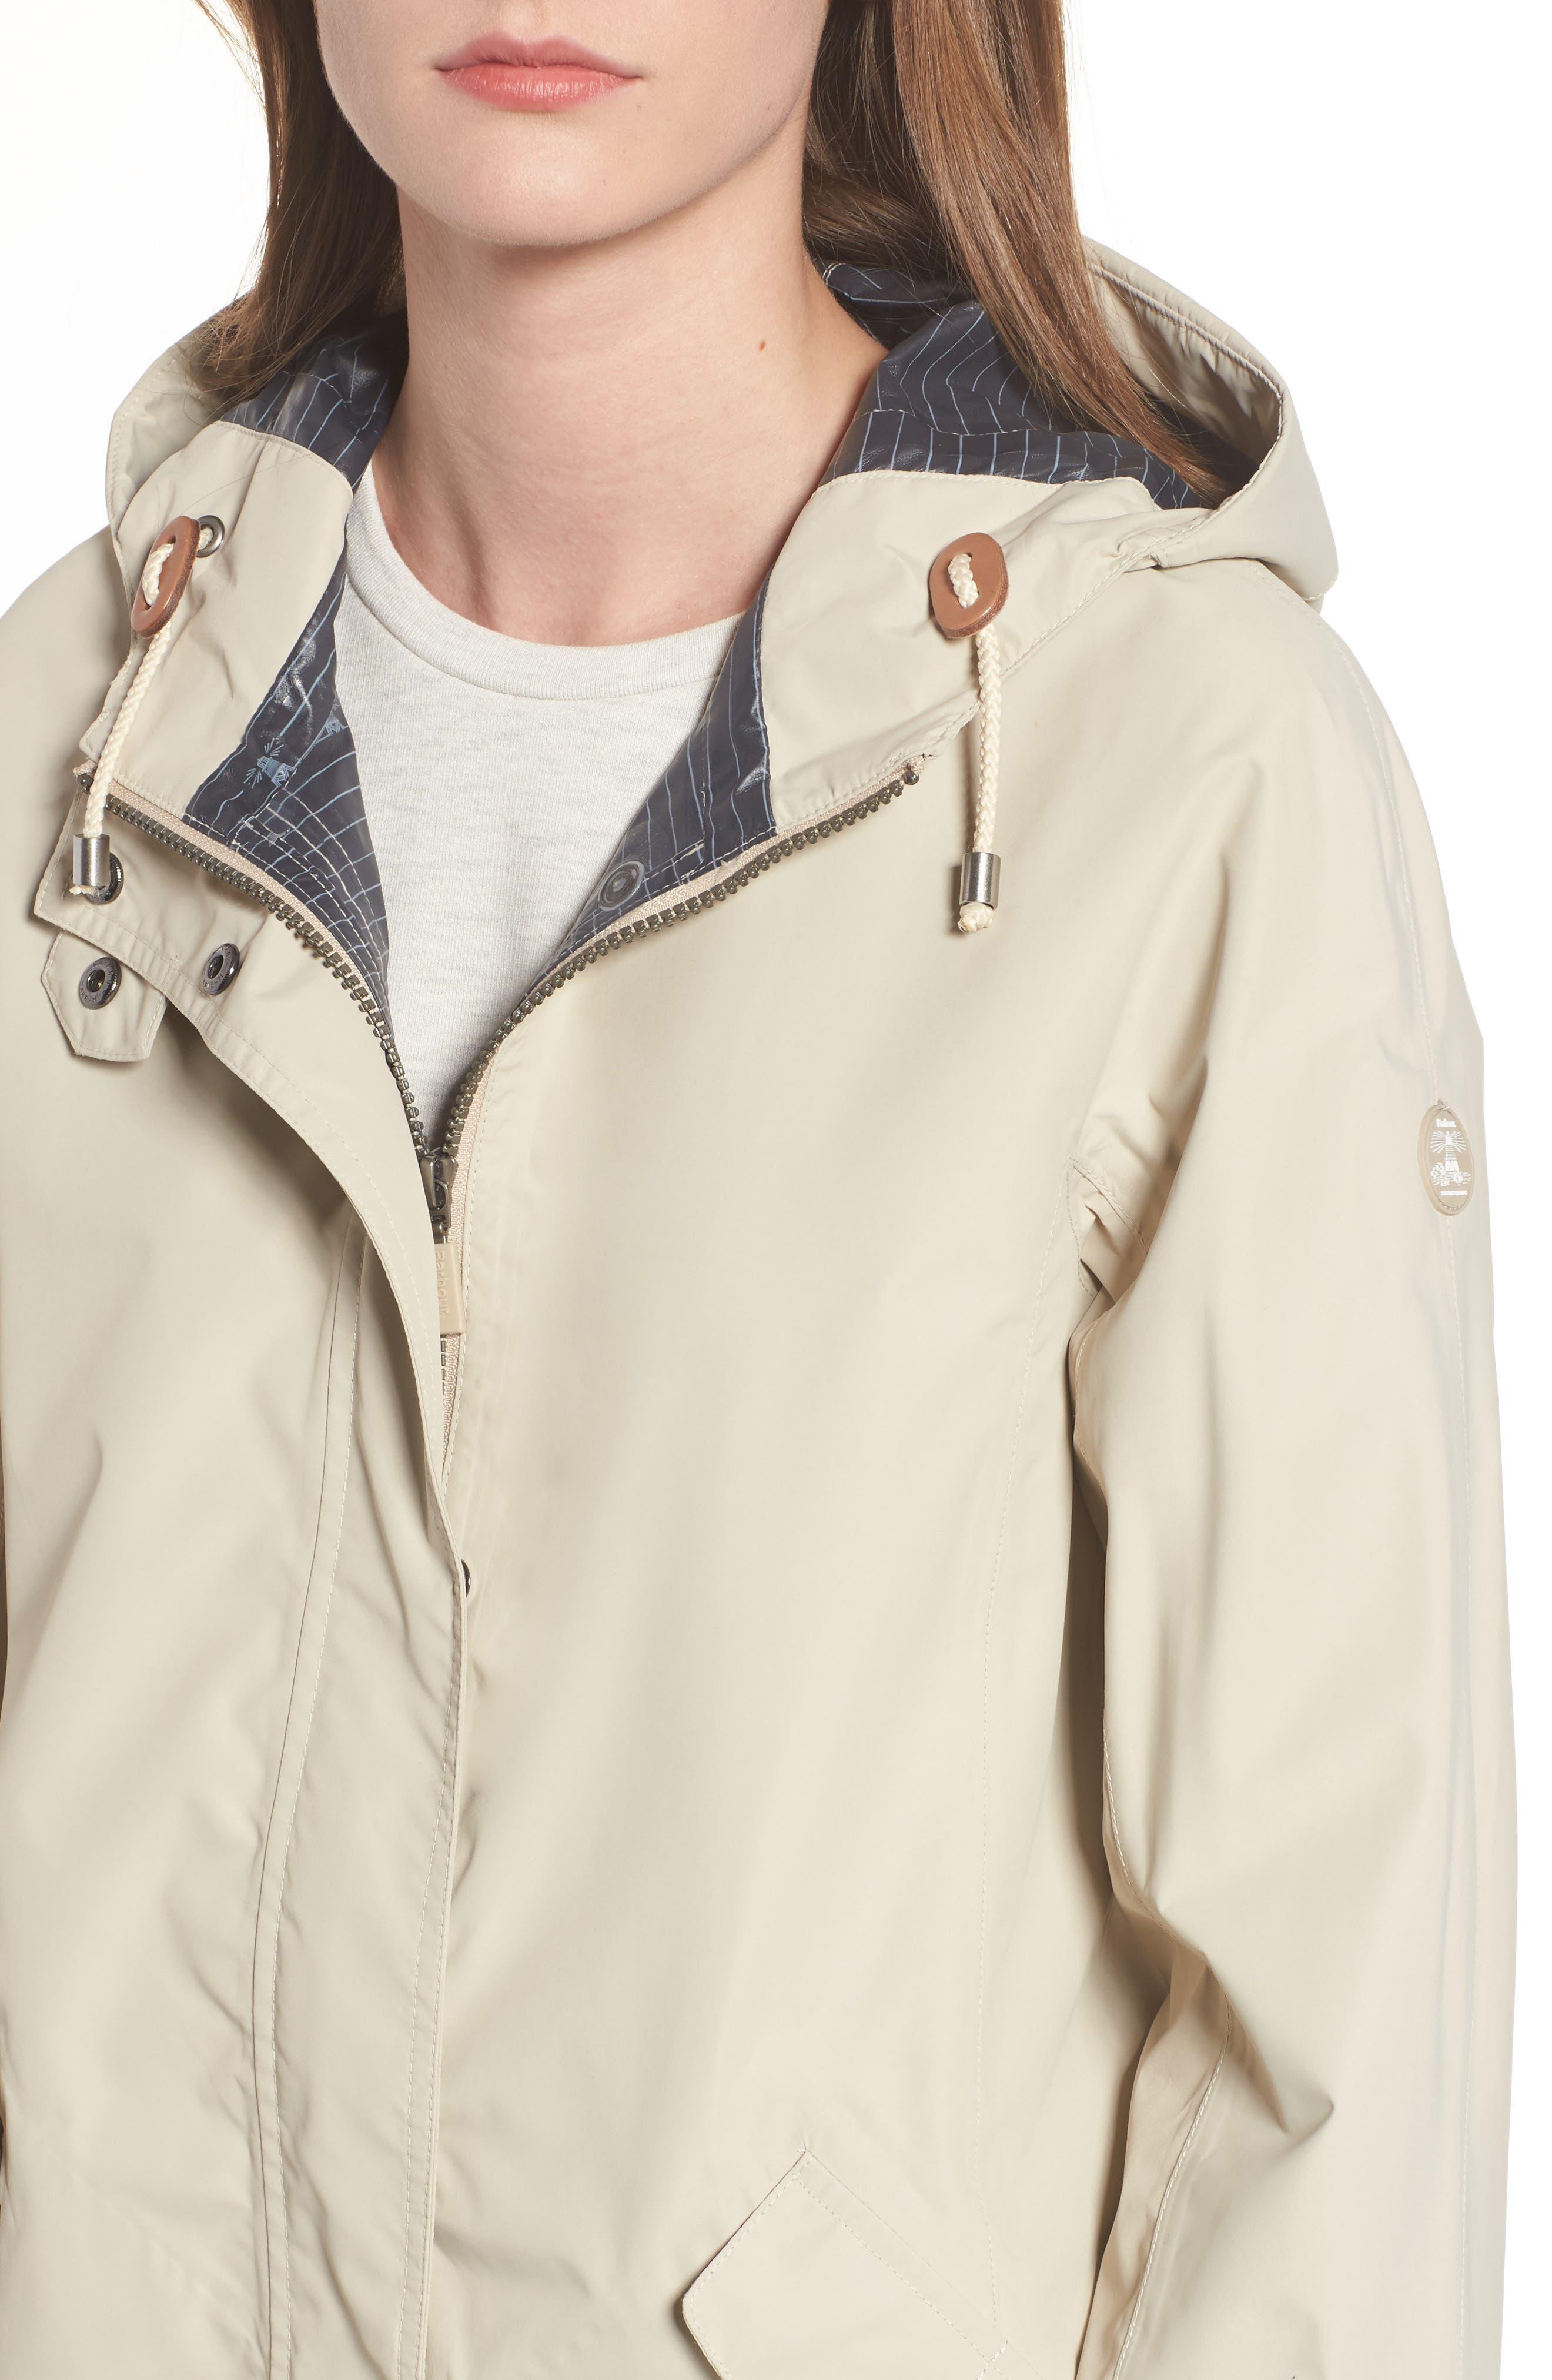 Hartland Hooded Jacket,                             Alternate thumbnail 4, color,                             270